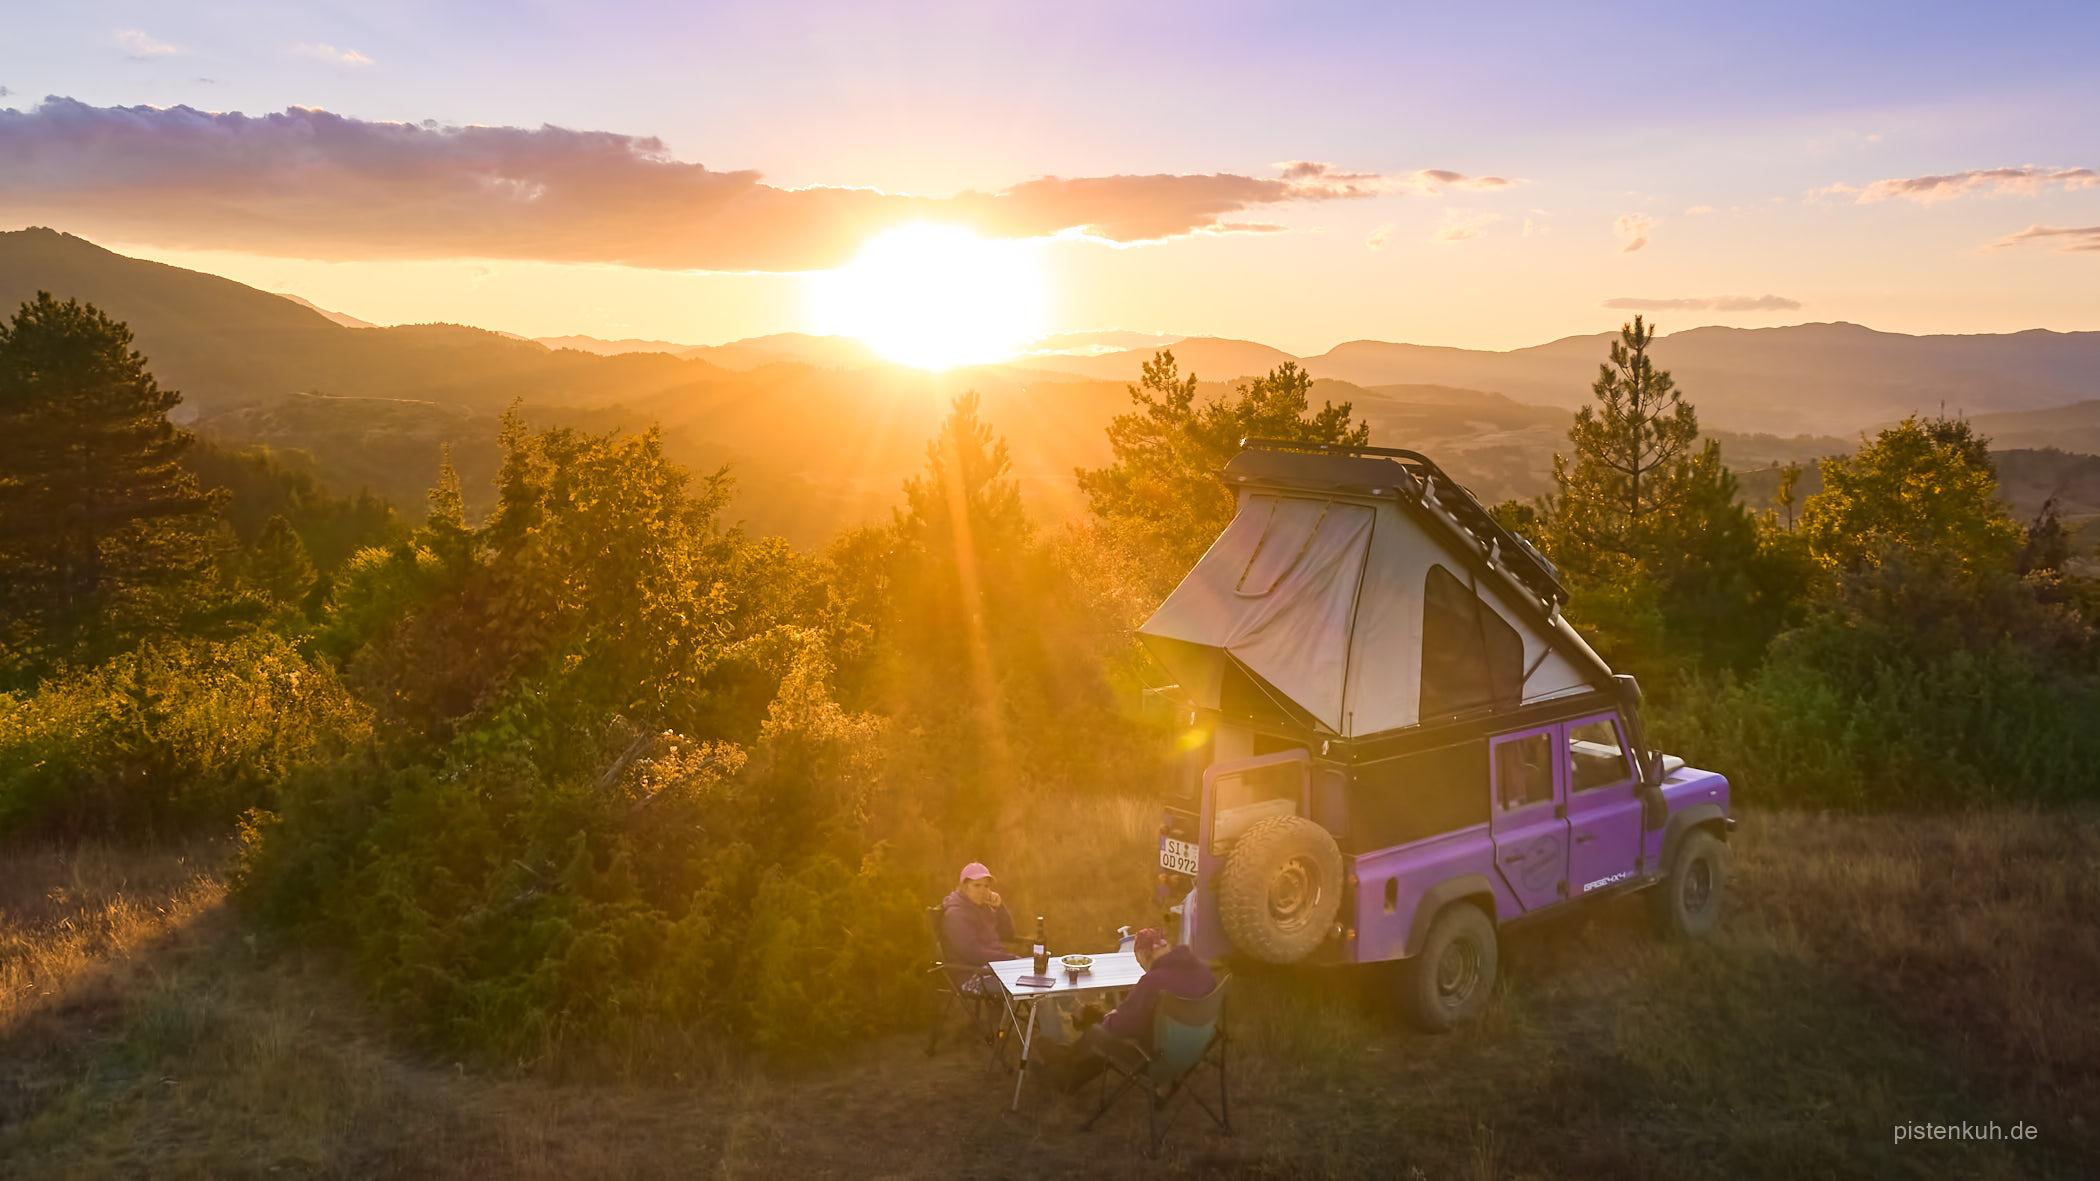 Sonnenuntergang beim Campen